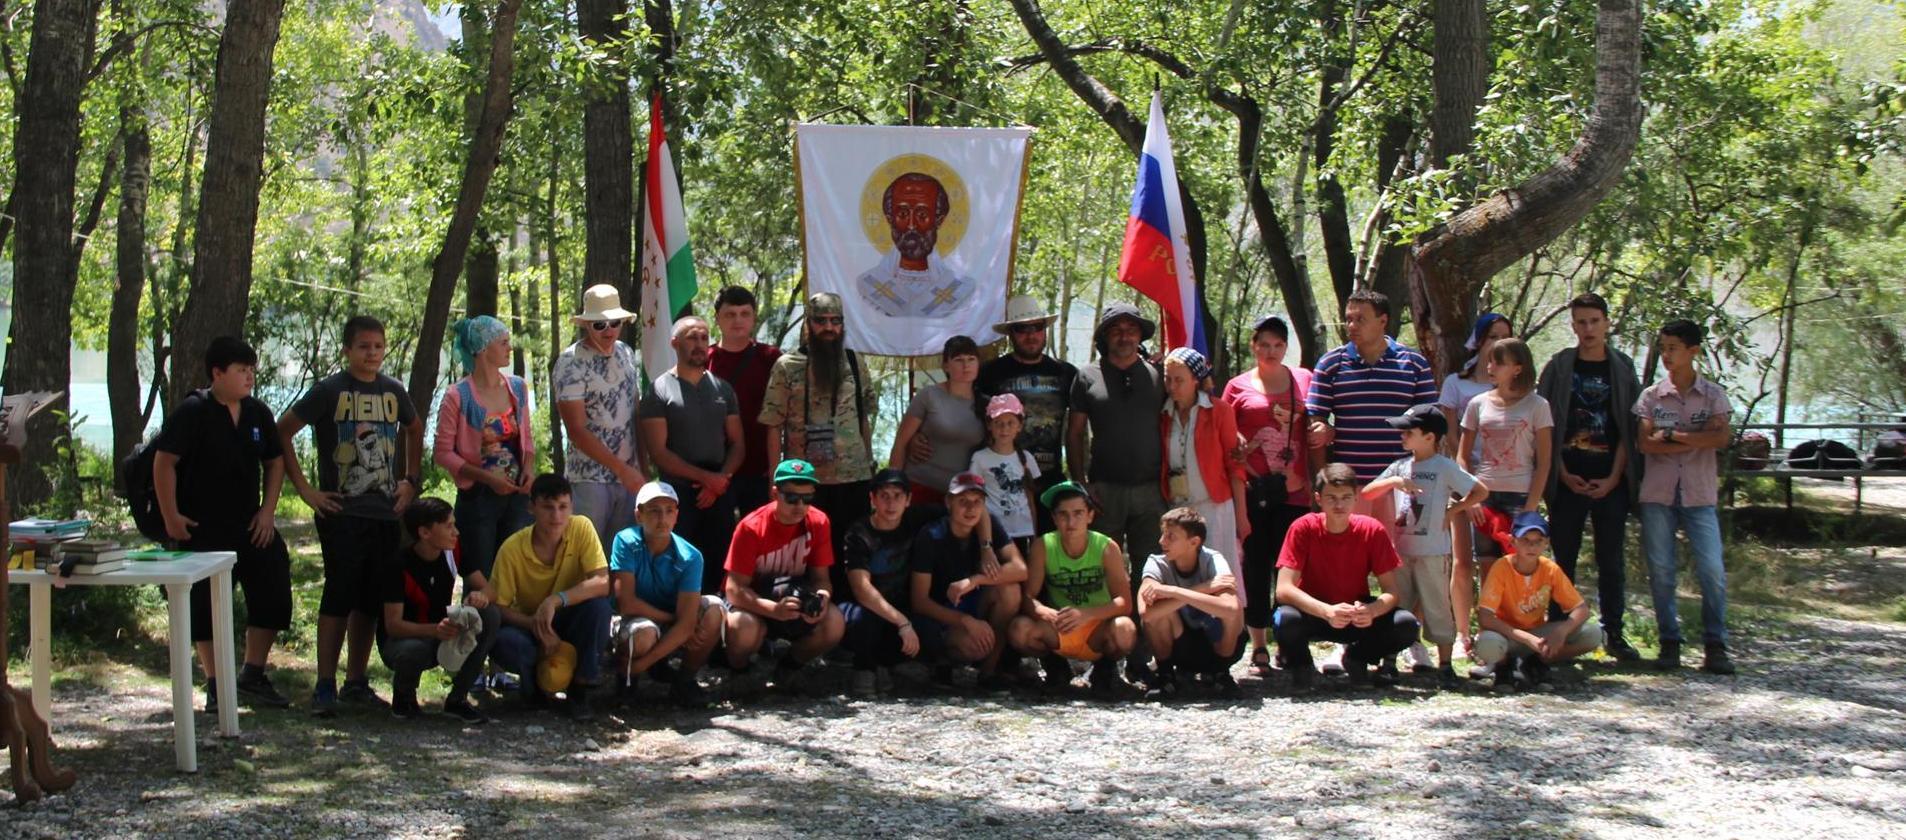 Первый православный молодежный форум, посвященный 1000-летию со дня преставления святого равноапостольного князя Владимира, на озере Искандеркуль